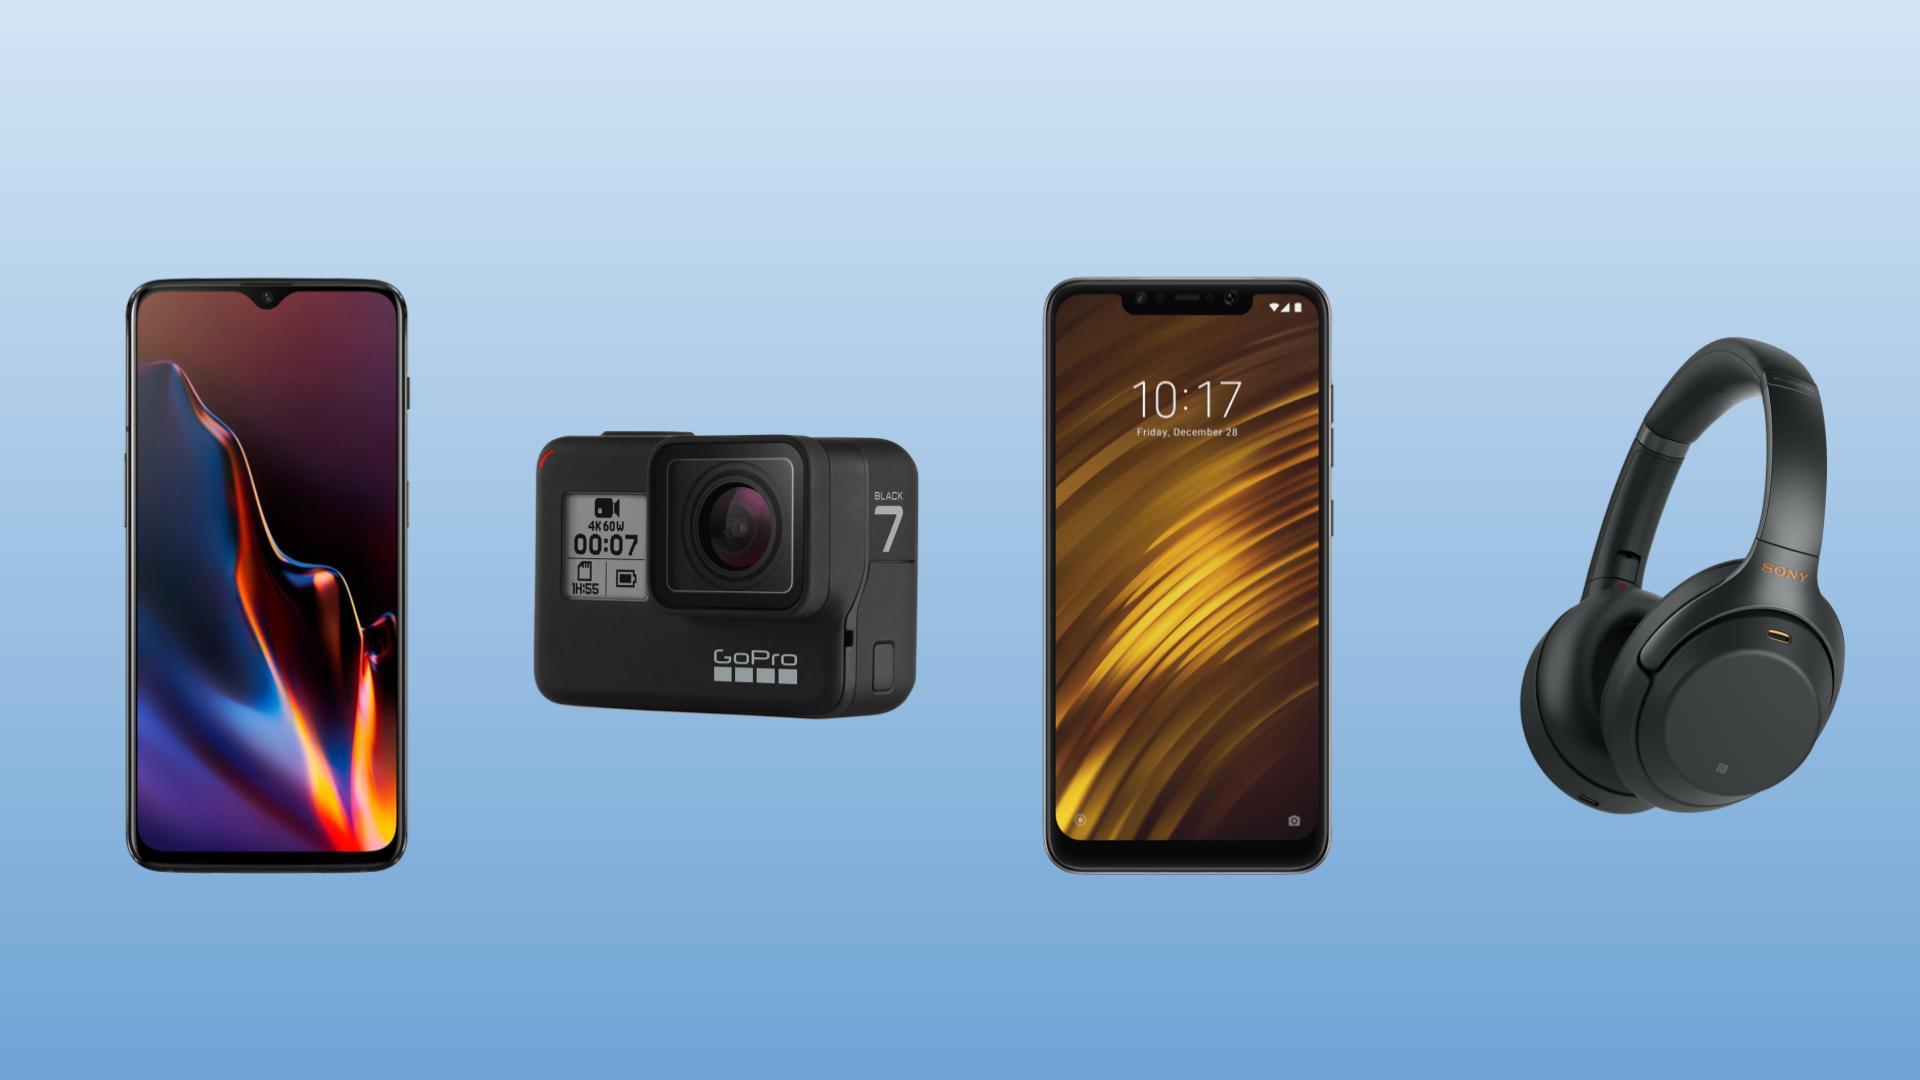 French Days : Pocophone F1 128 Go à 270 euros, casque Sony 1000XM3 à 256 euros et GoPro Hero 7 Black à 289 euros